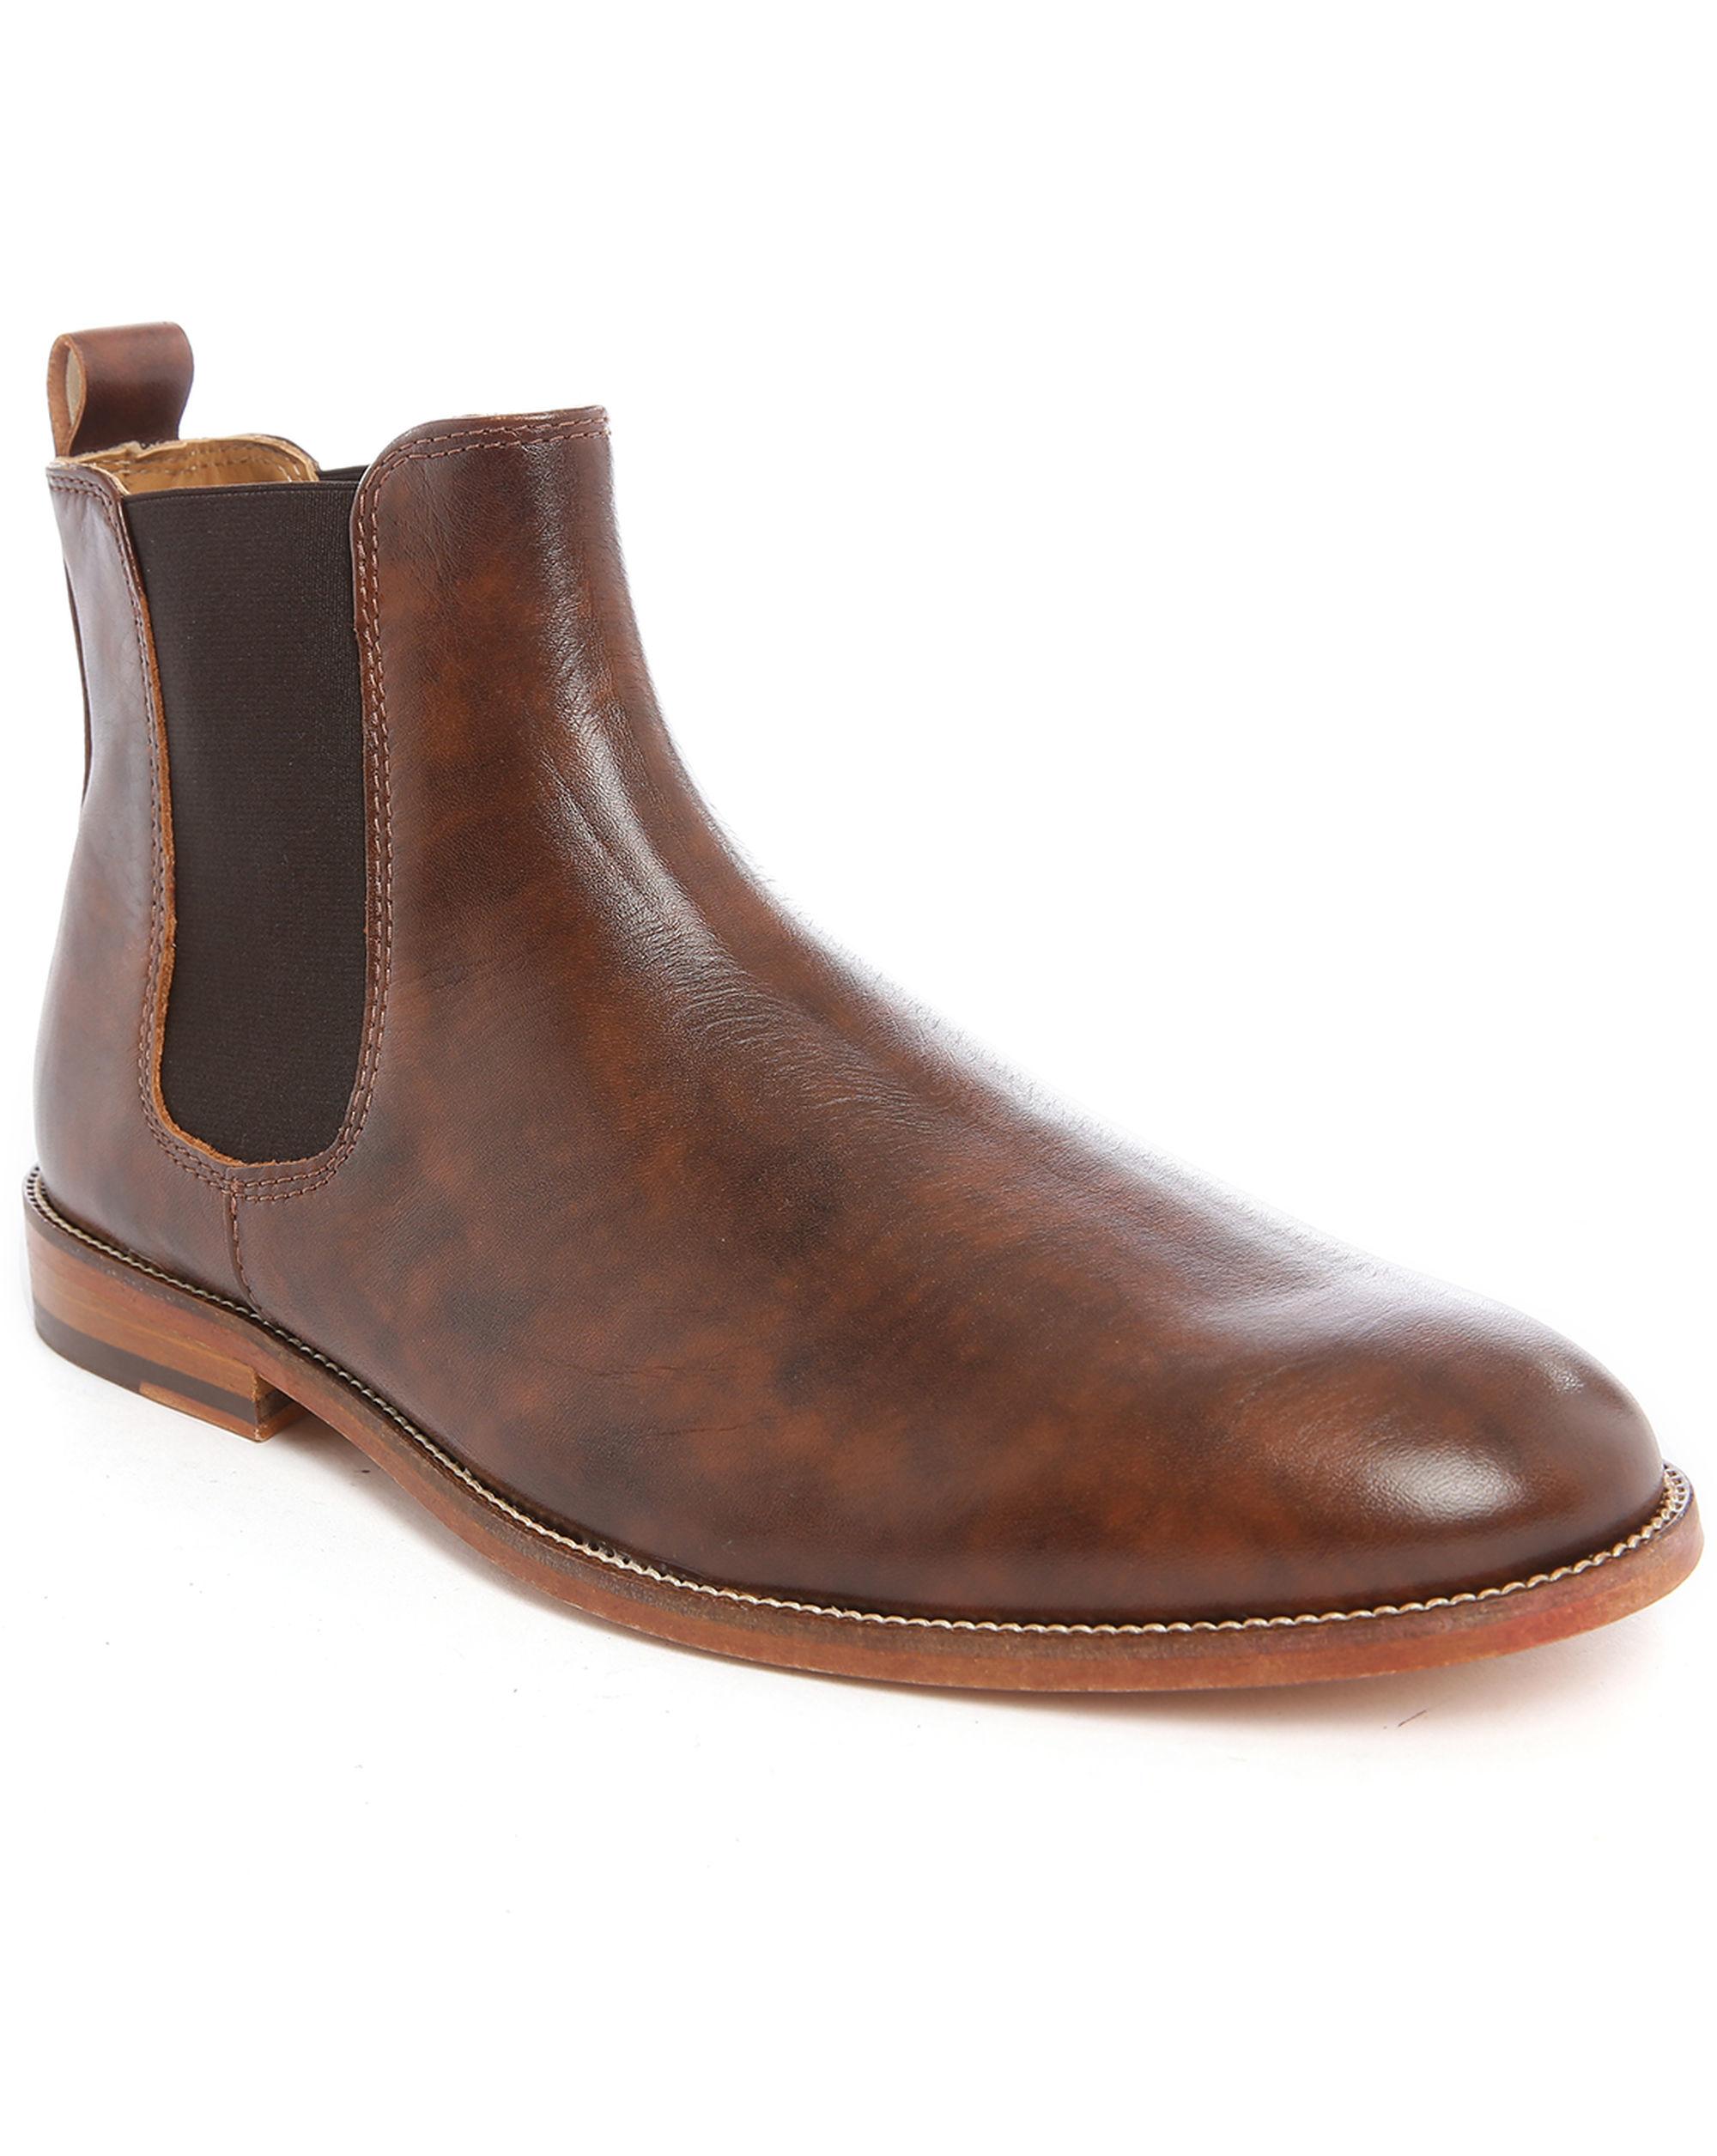 bobbies l horloger cognac leather chelsea boots in brown for men. Black Bedroom Furniture Sets. Home Design Ideas